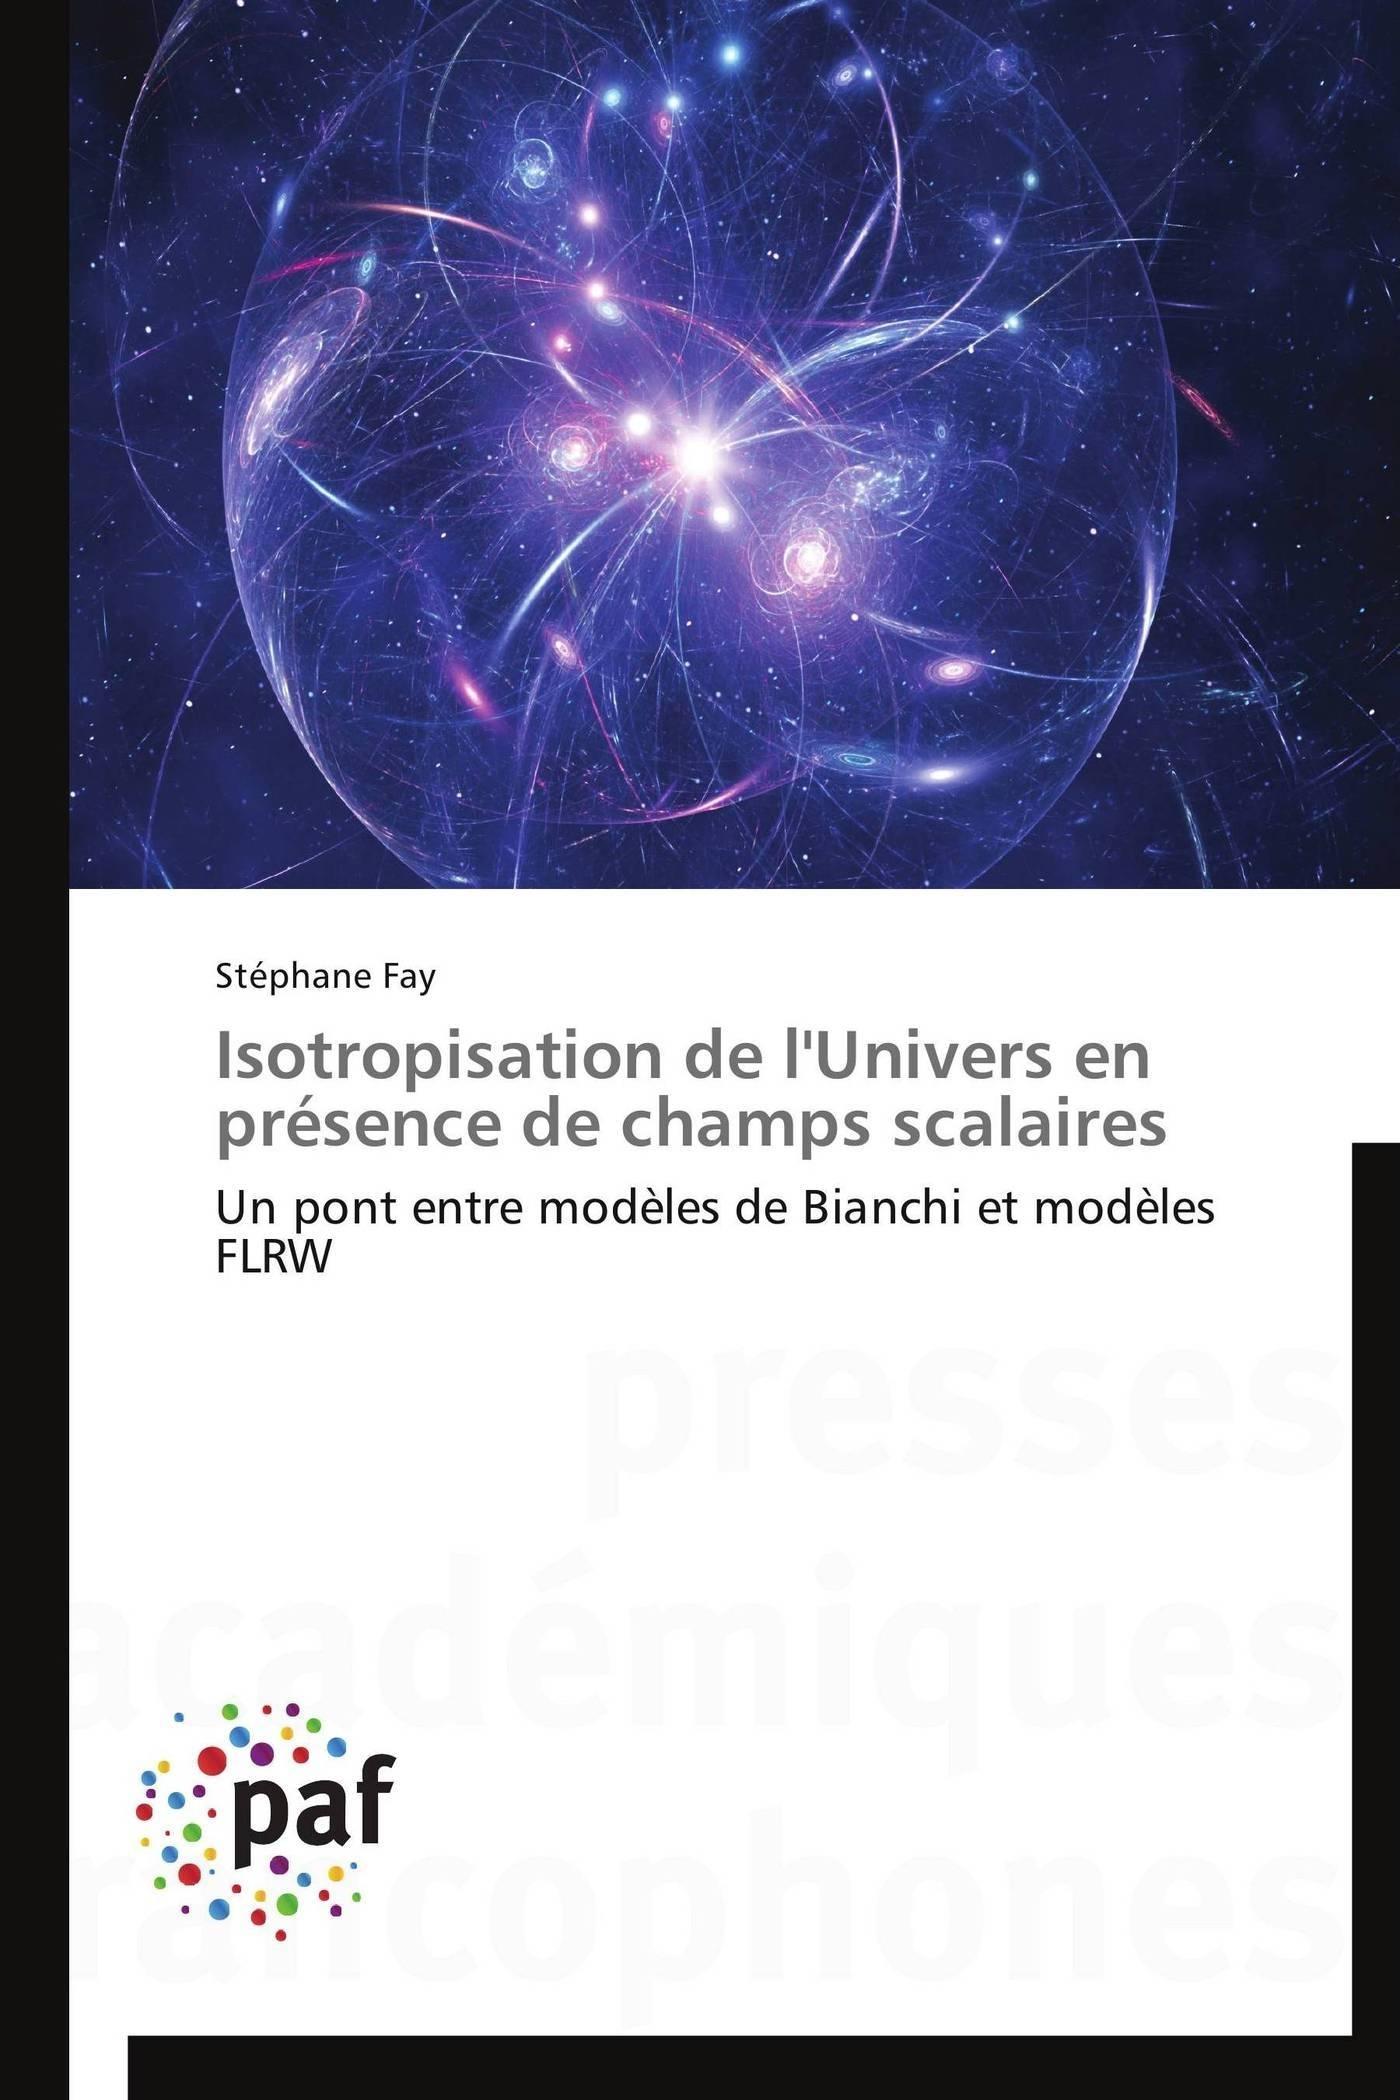 ISOTROPISATION DE L'UNIVERS EN PRESENCE DE CHAMPS SCALAIRES